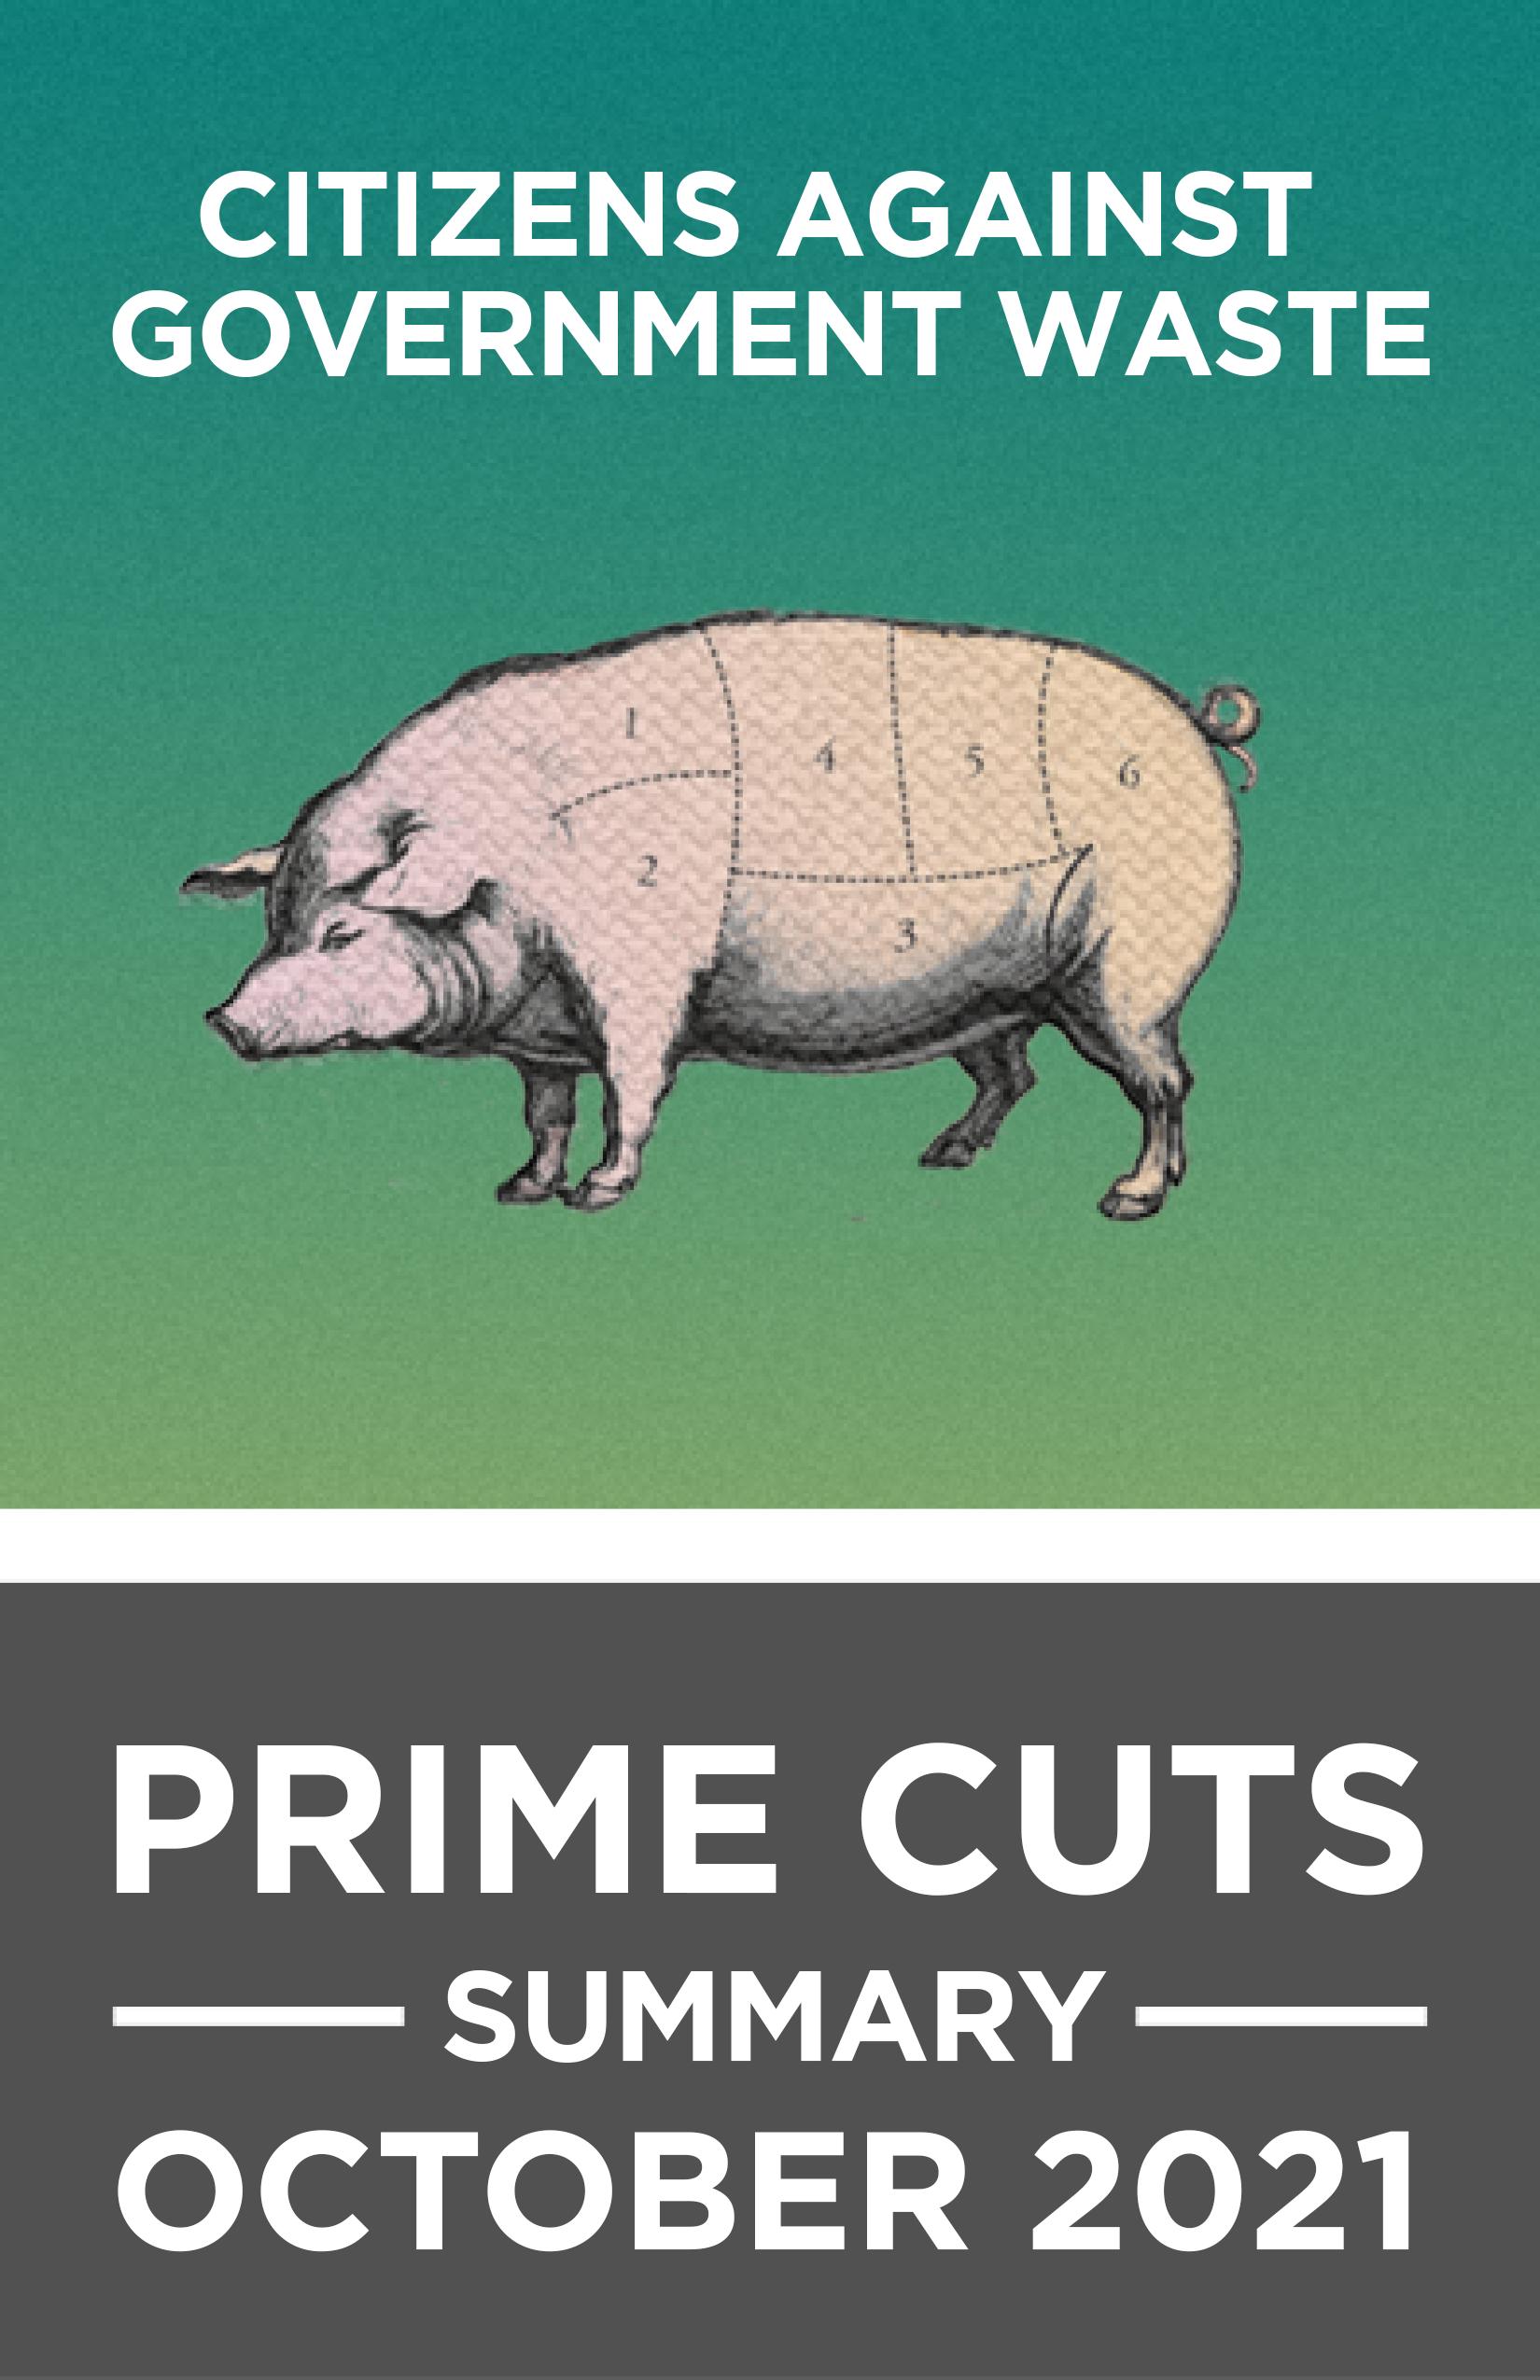 2021 Prime Cuts